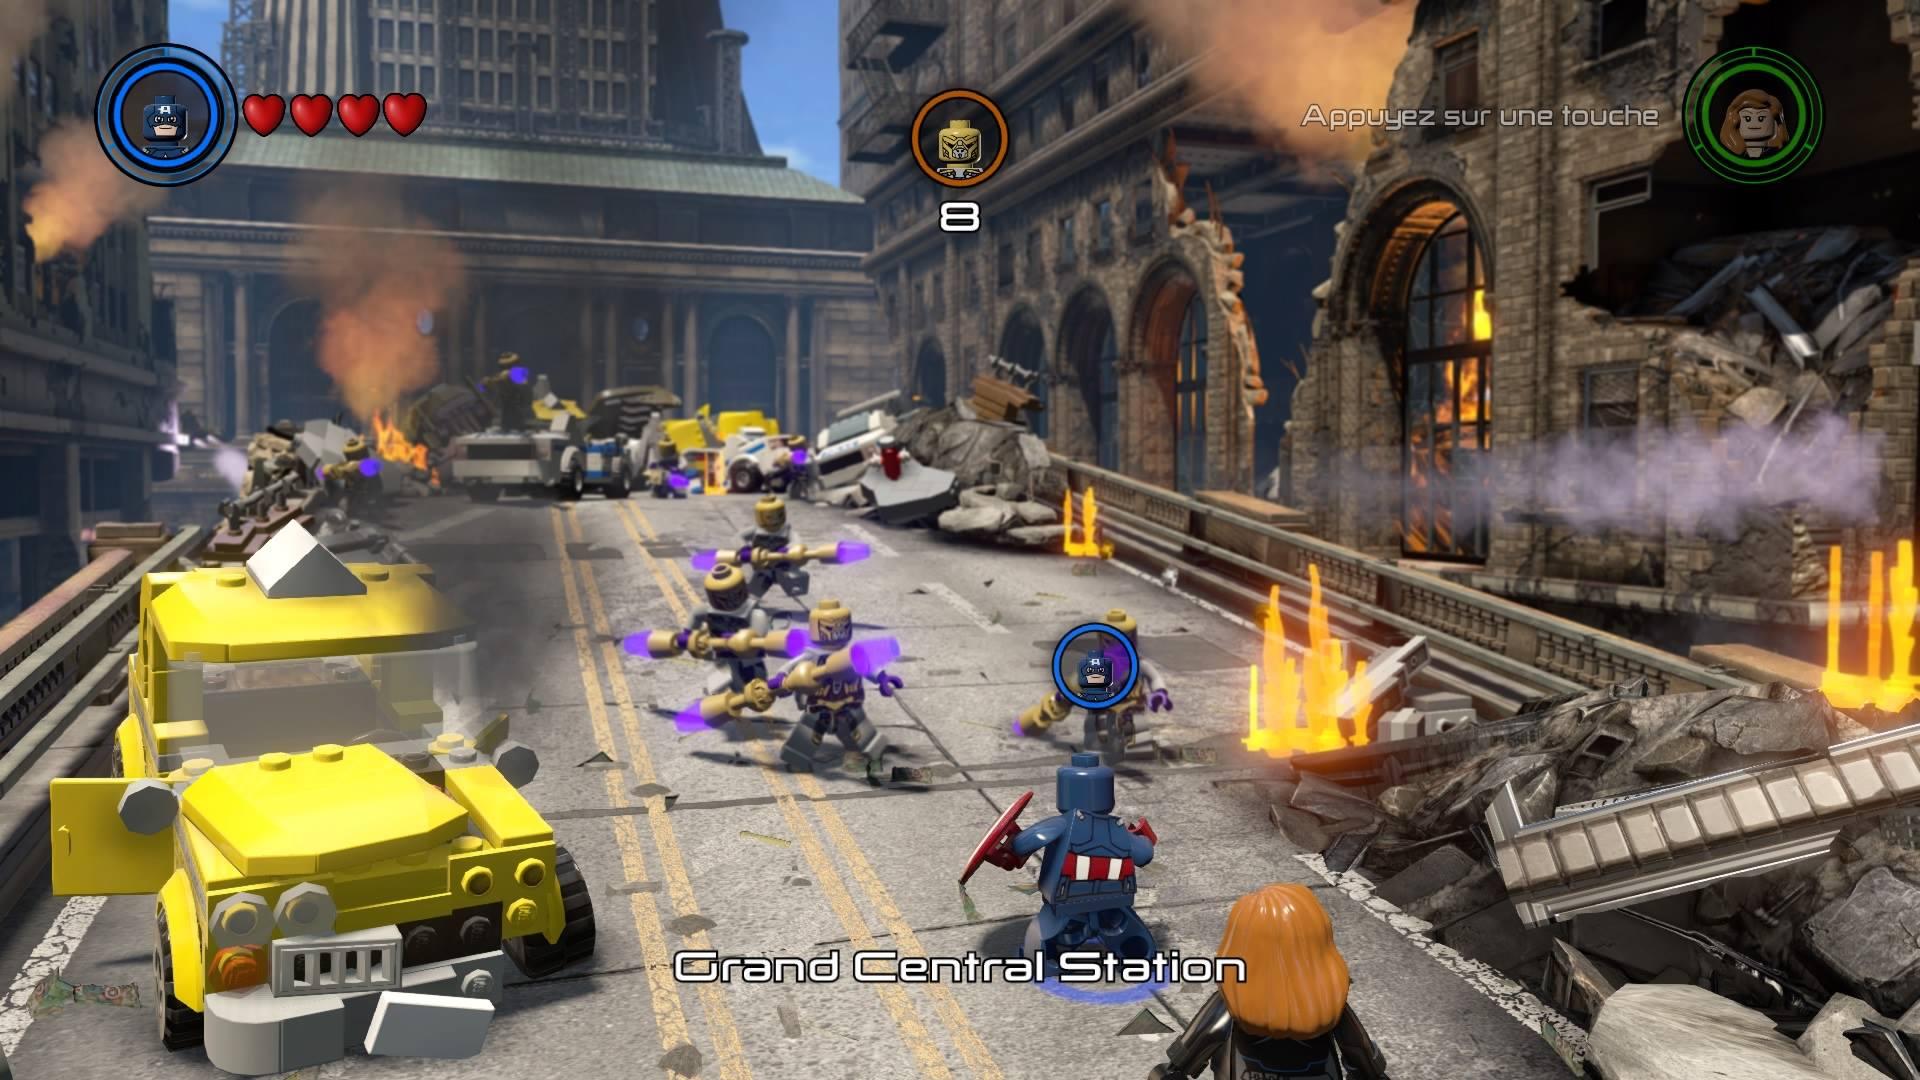 Le gameplay est quasiment le même que dans les autres jeux Lego, à quelques nouveautés près